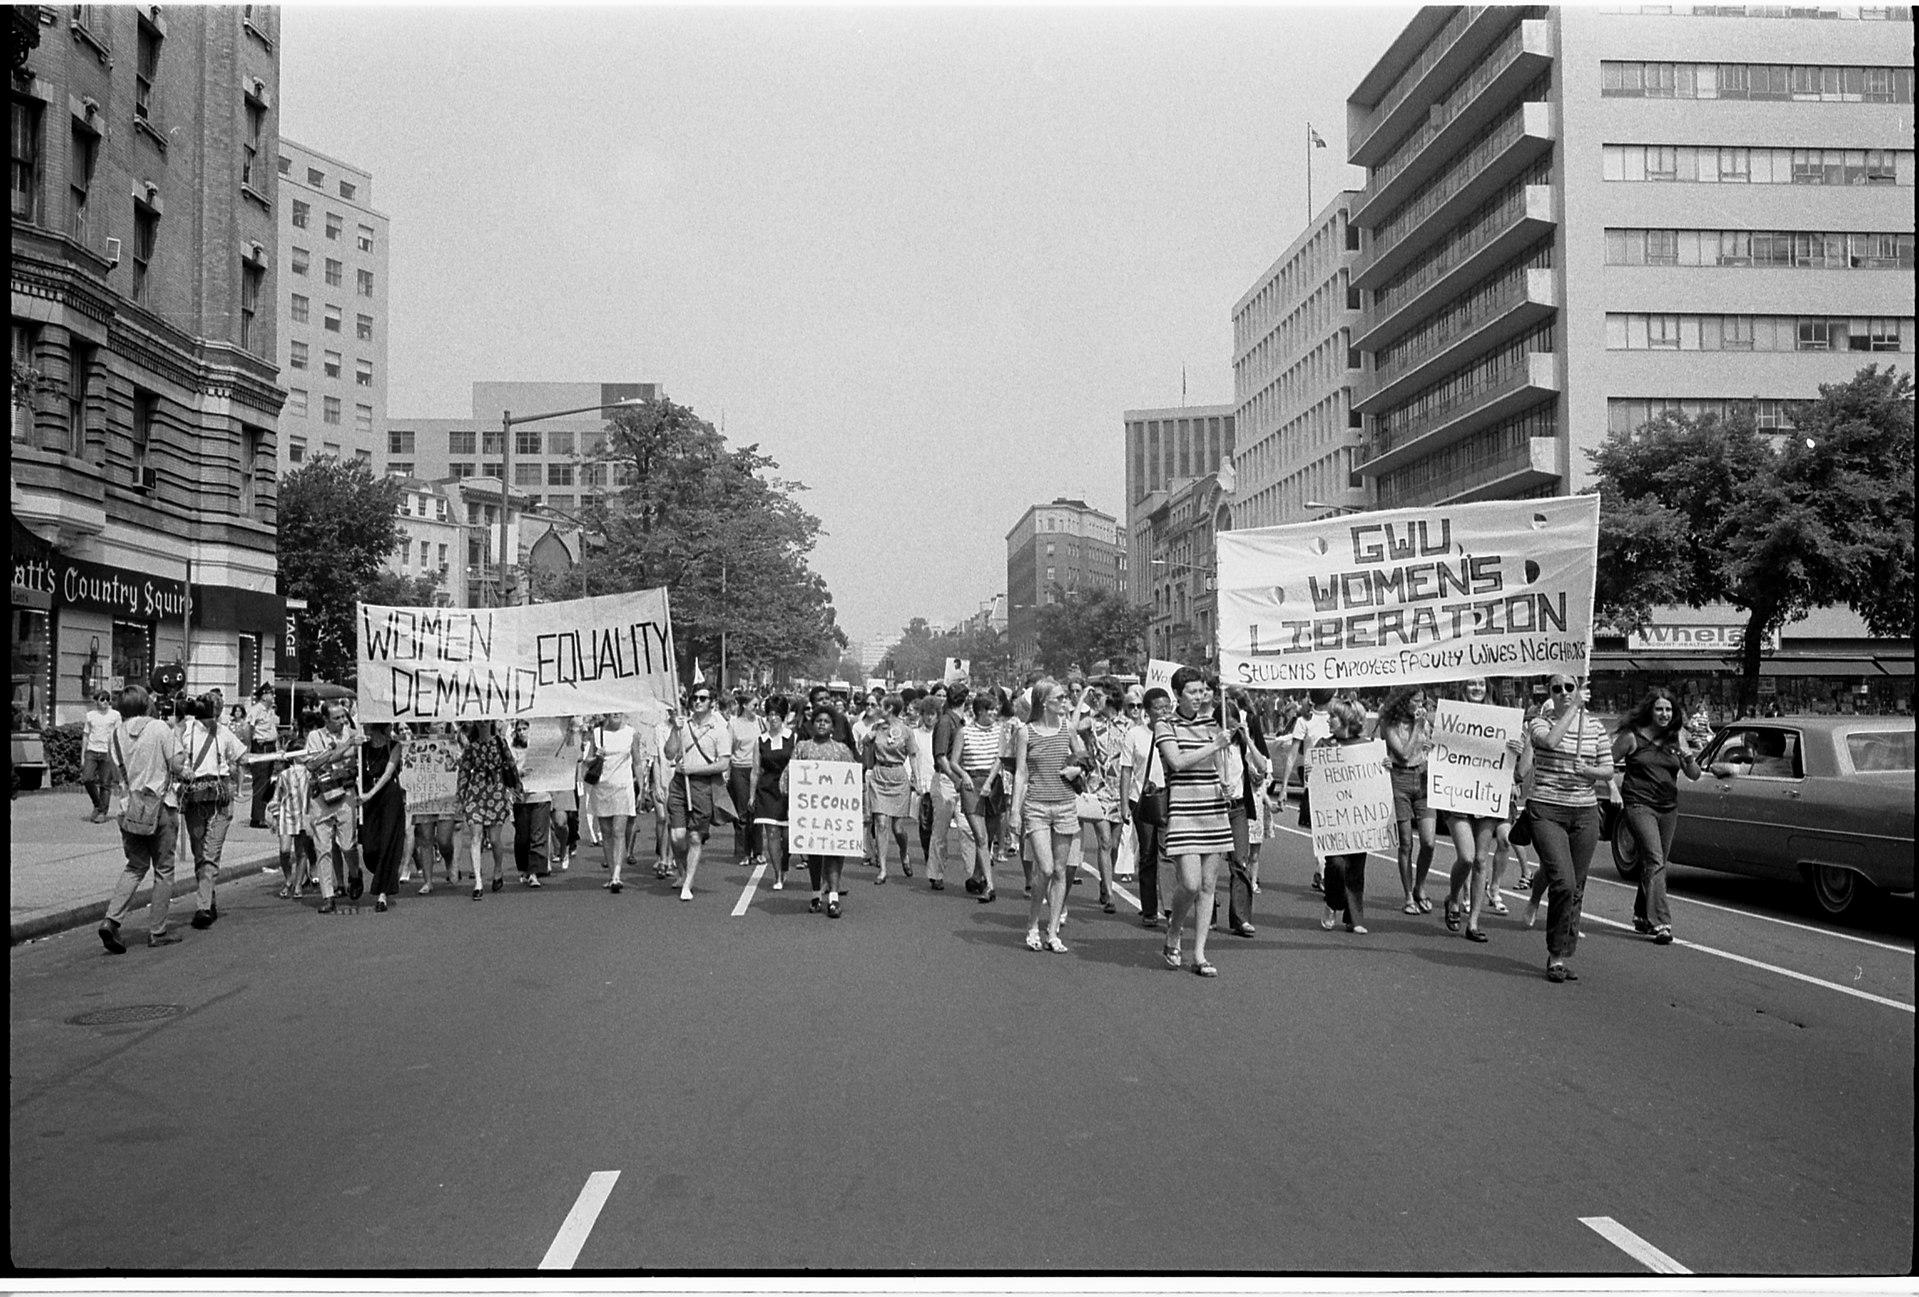 Imagem: coleção U.S. News & World Report da Biblioteca do Congresso dos EUA. Passeata feminista em Washington, D.C., em 1970. Tema: Revolução sexual.